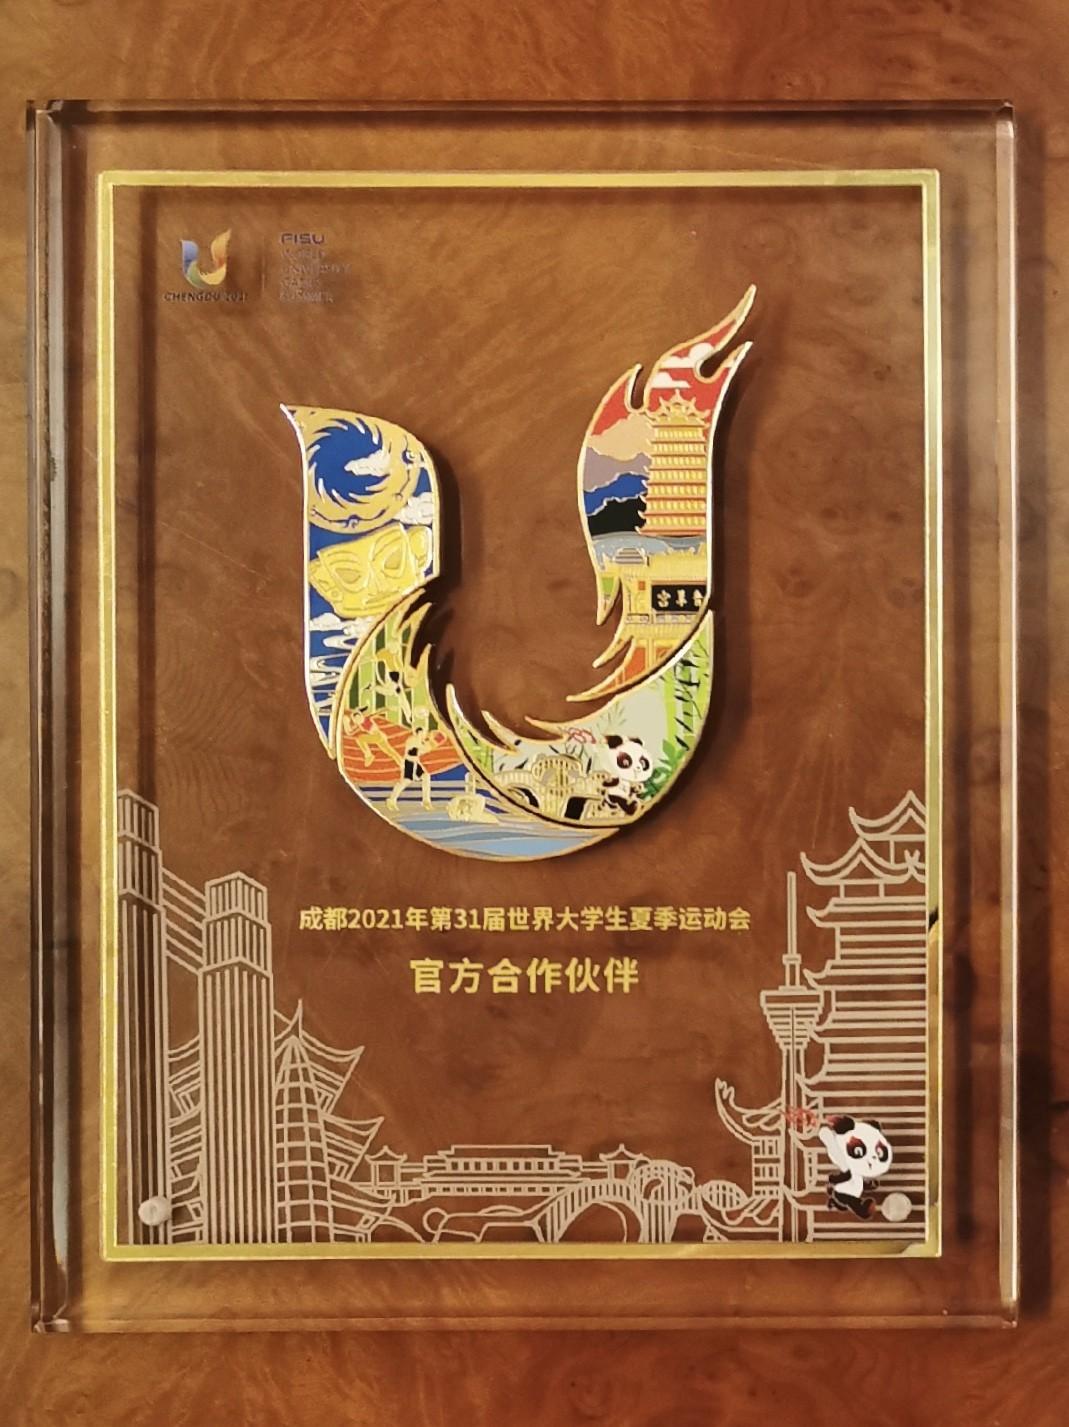 成都大运会官方合作伙伴纪念牌.jpeg